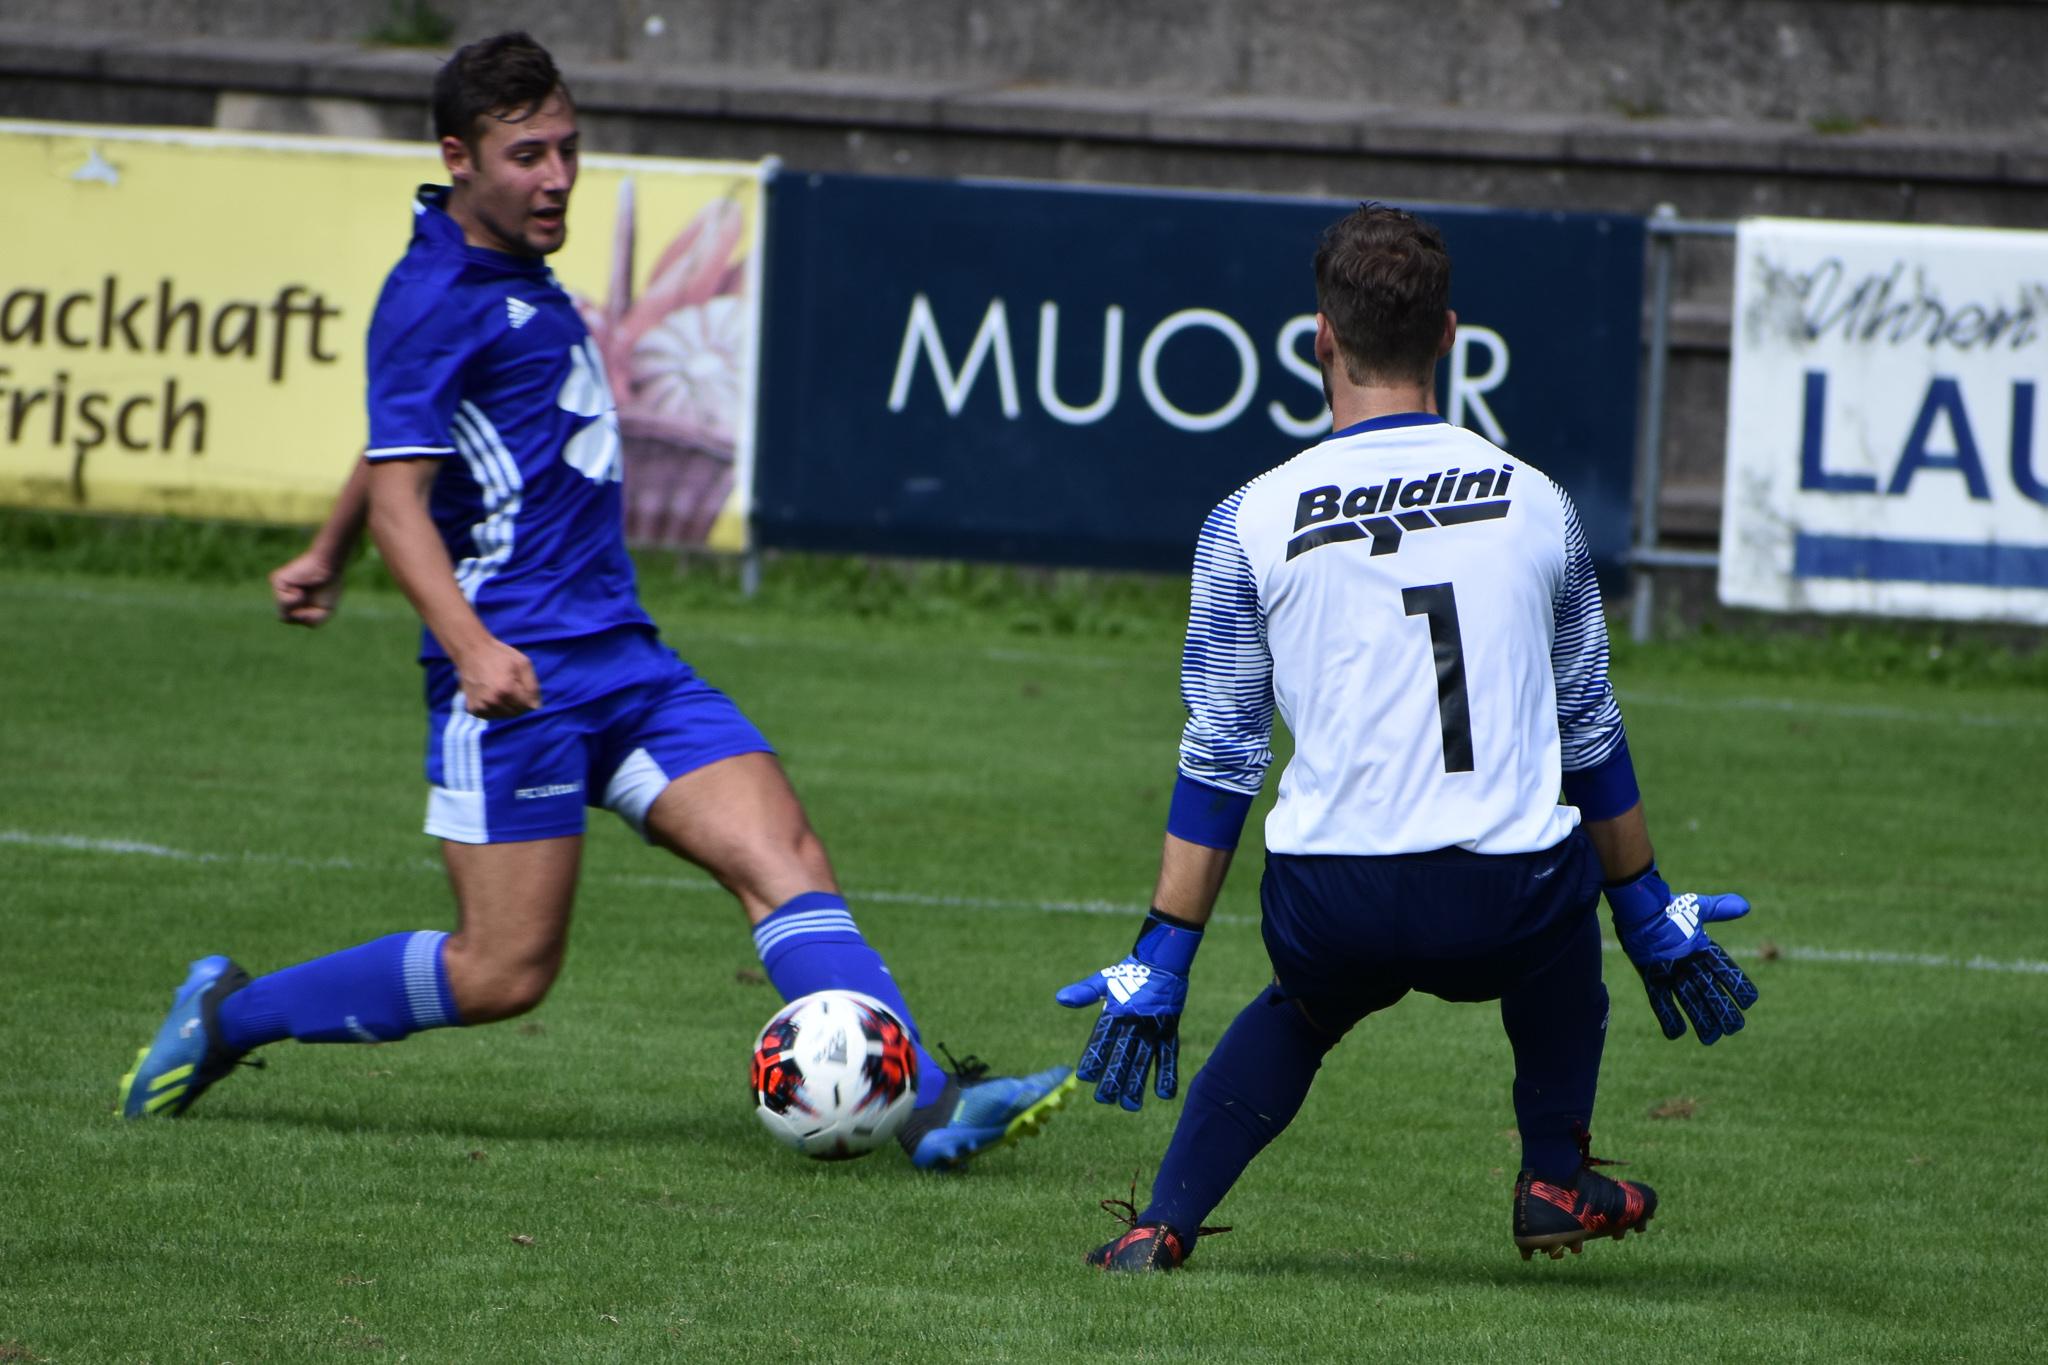 Altdorfs neue Nummer 1 Kai Nicolas Stutz zeigte eine starke Partie. Foto: FC Altdorf